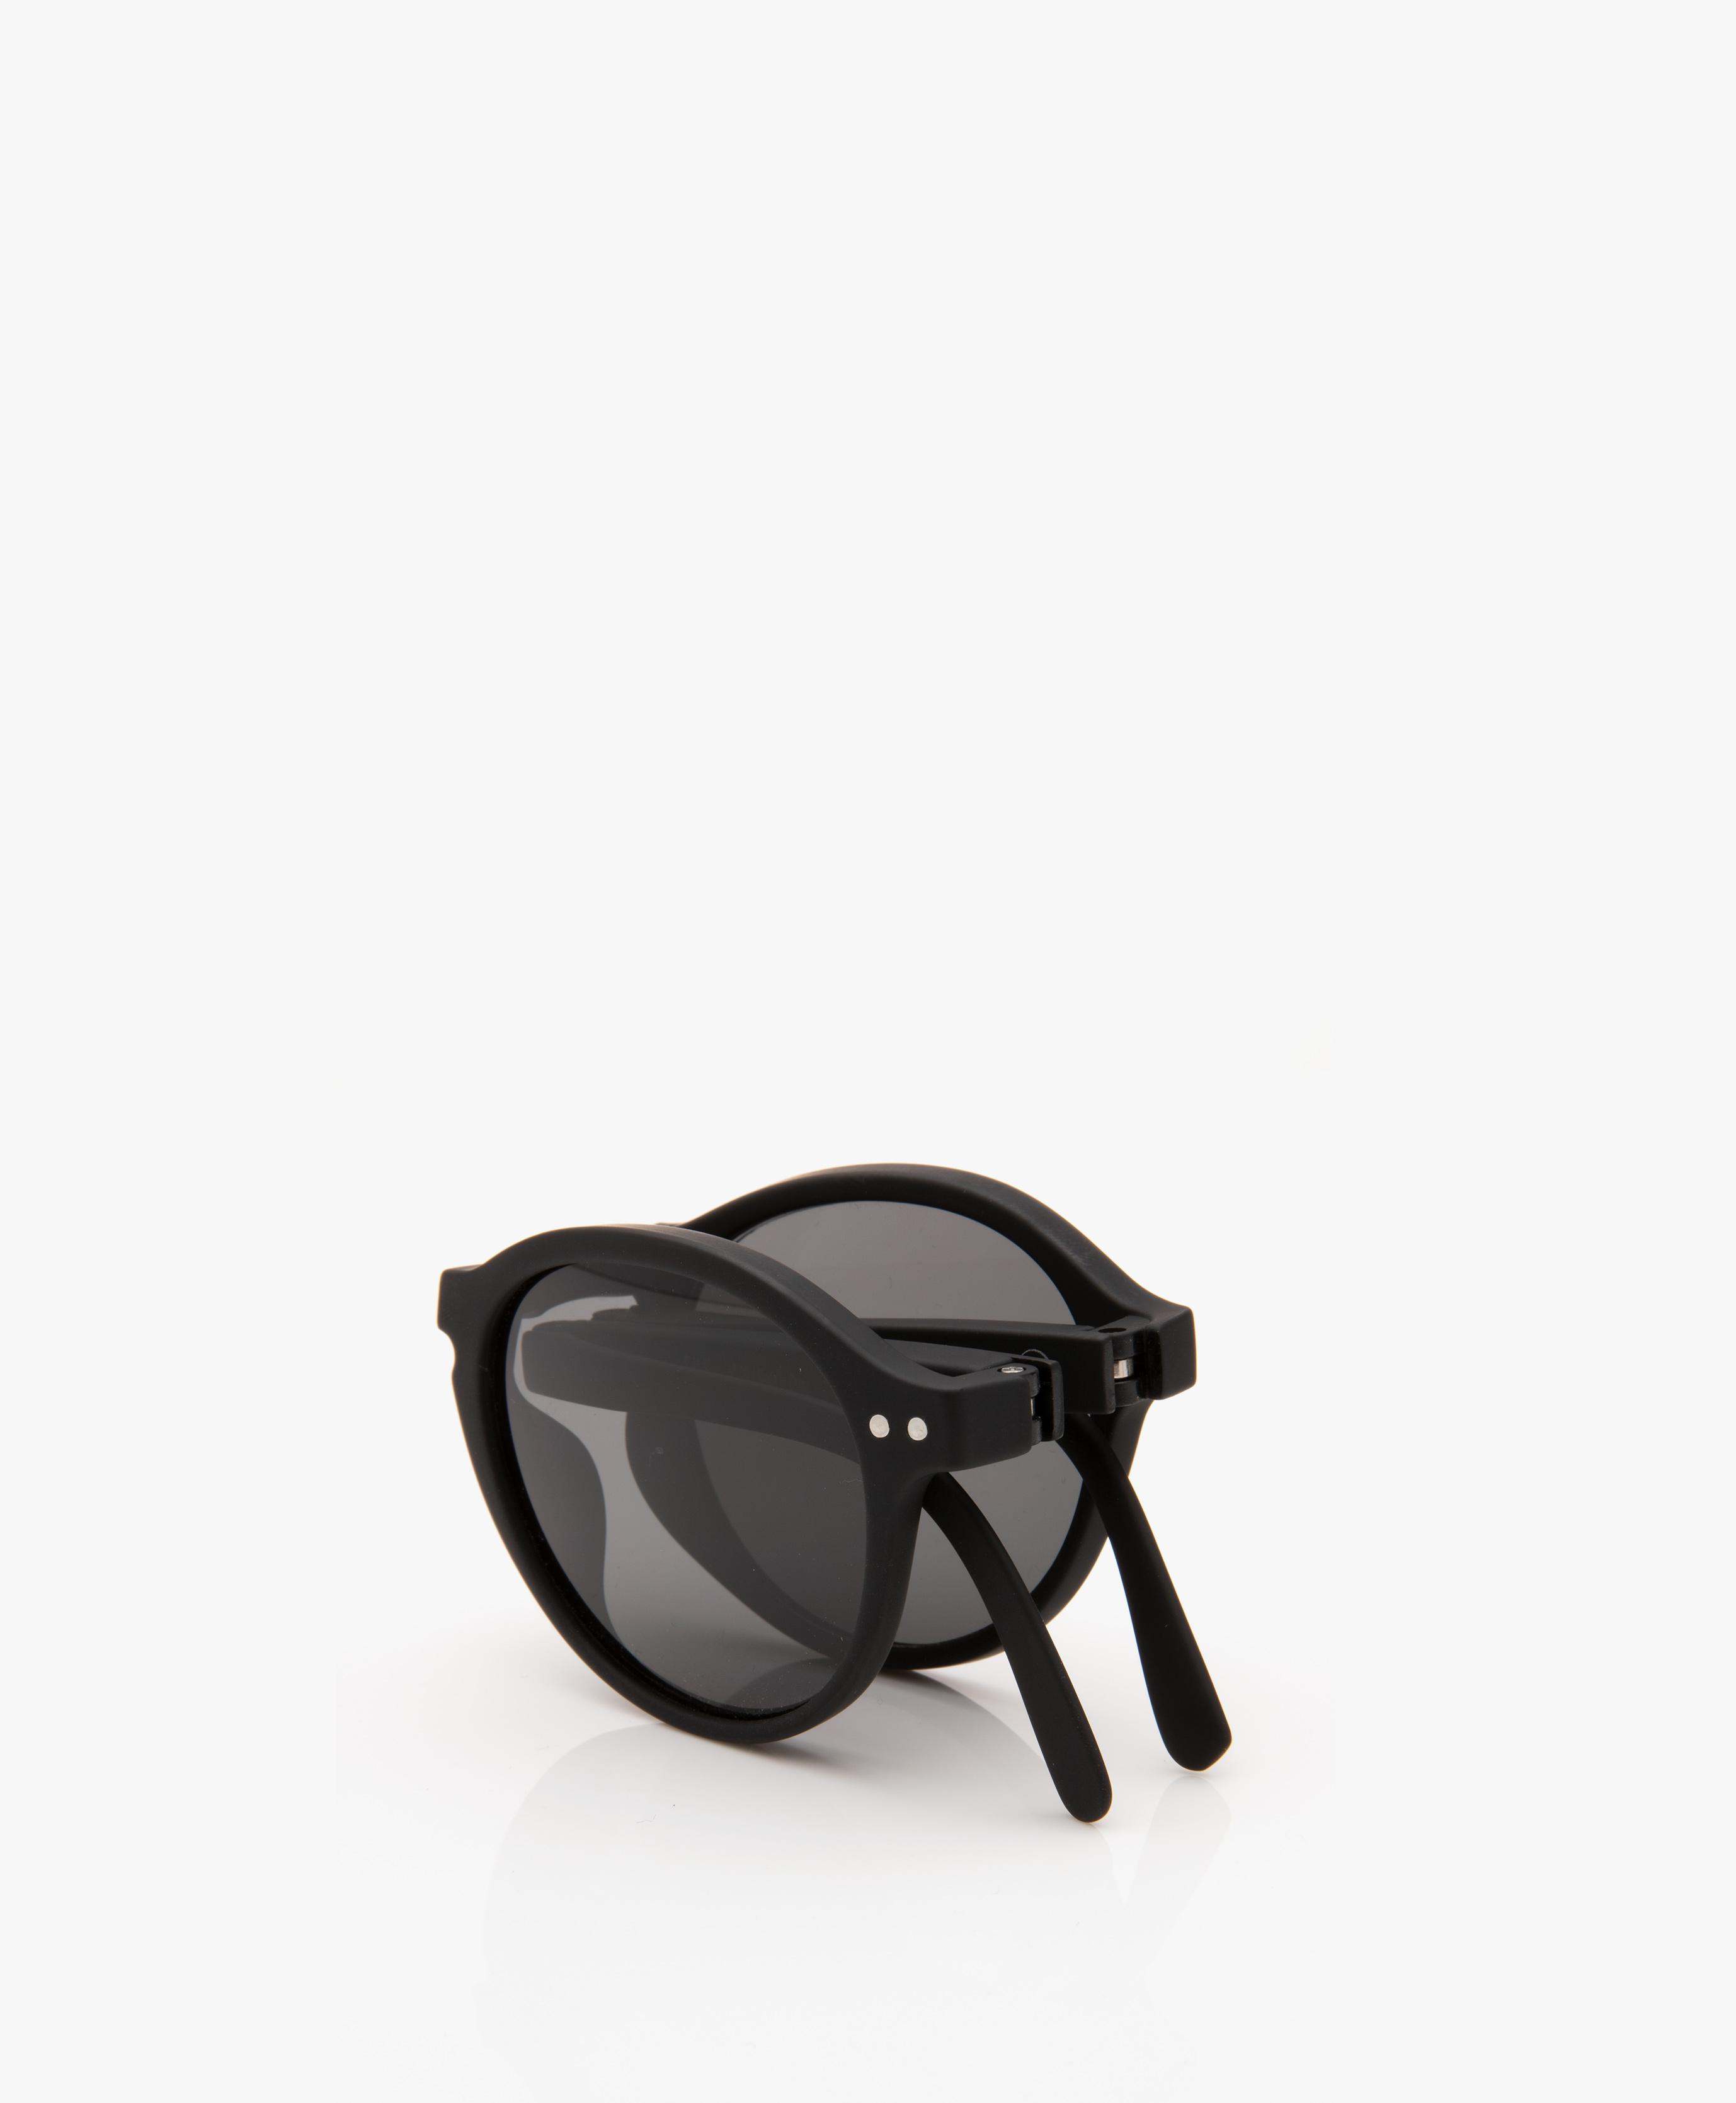 e6be16cfc1 IZIPIZI SUN  F Sunglasses - Black Grey Lenses - IZIPIZI